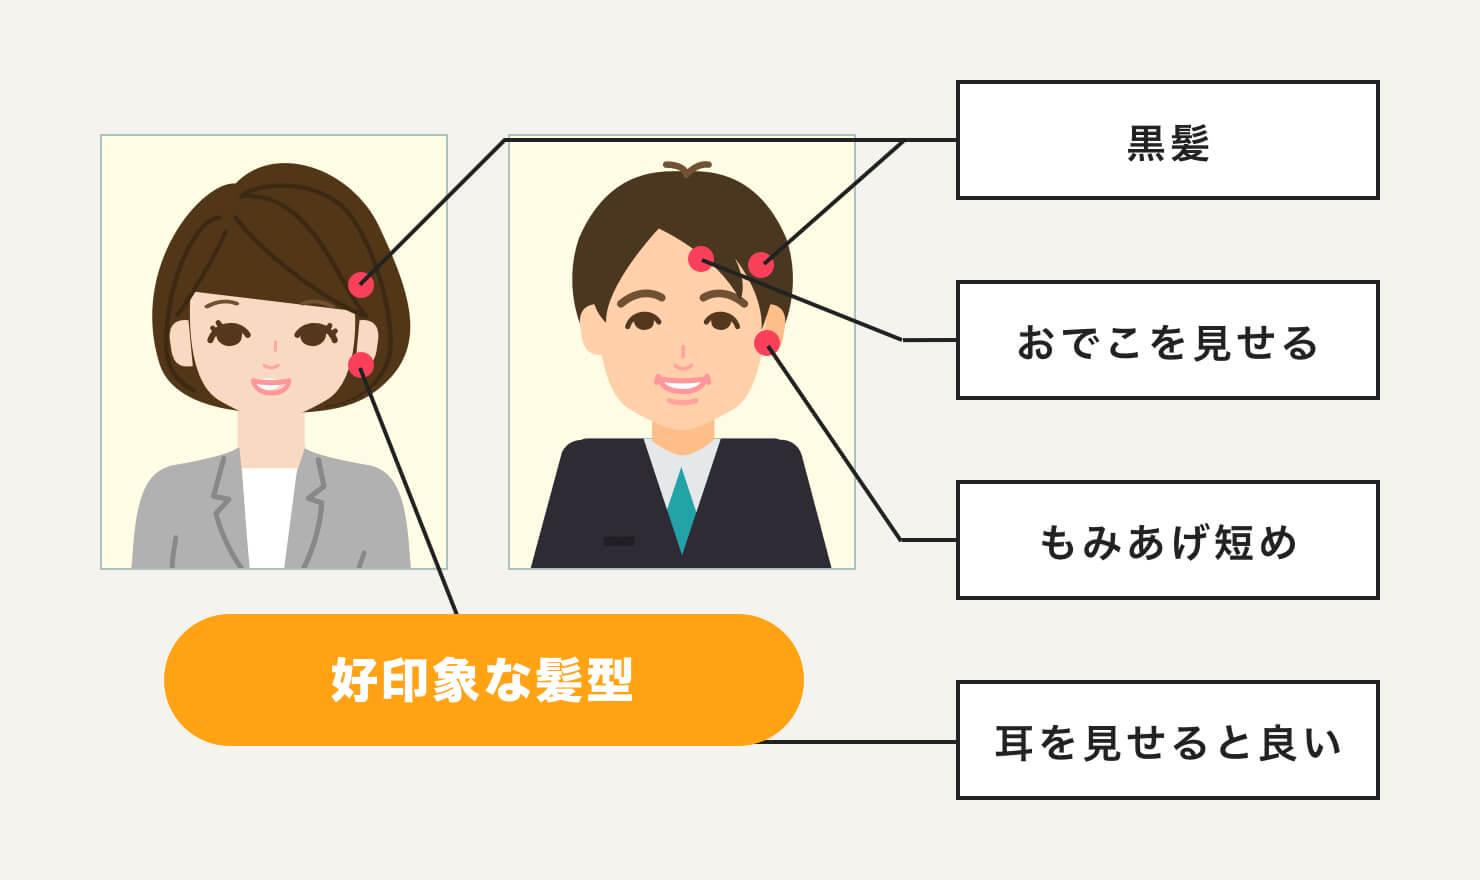 印象の良い面接用の髪型を紹介